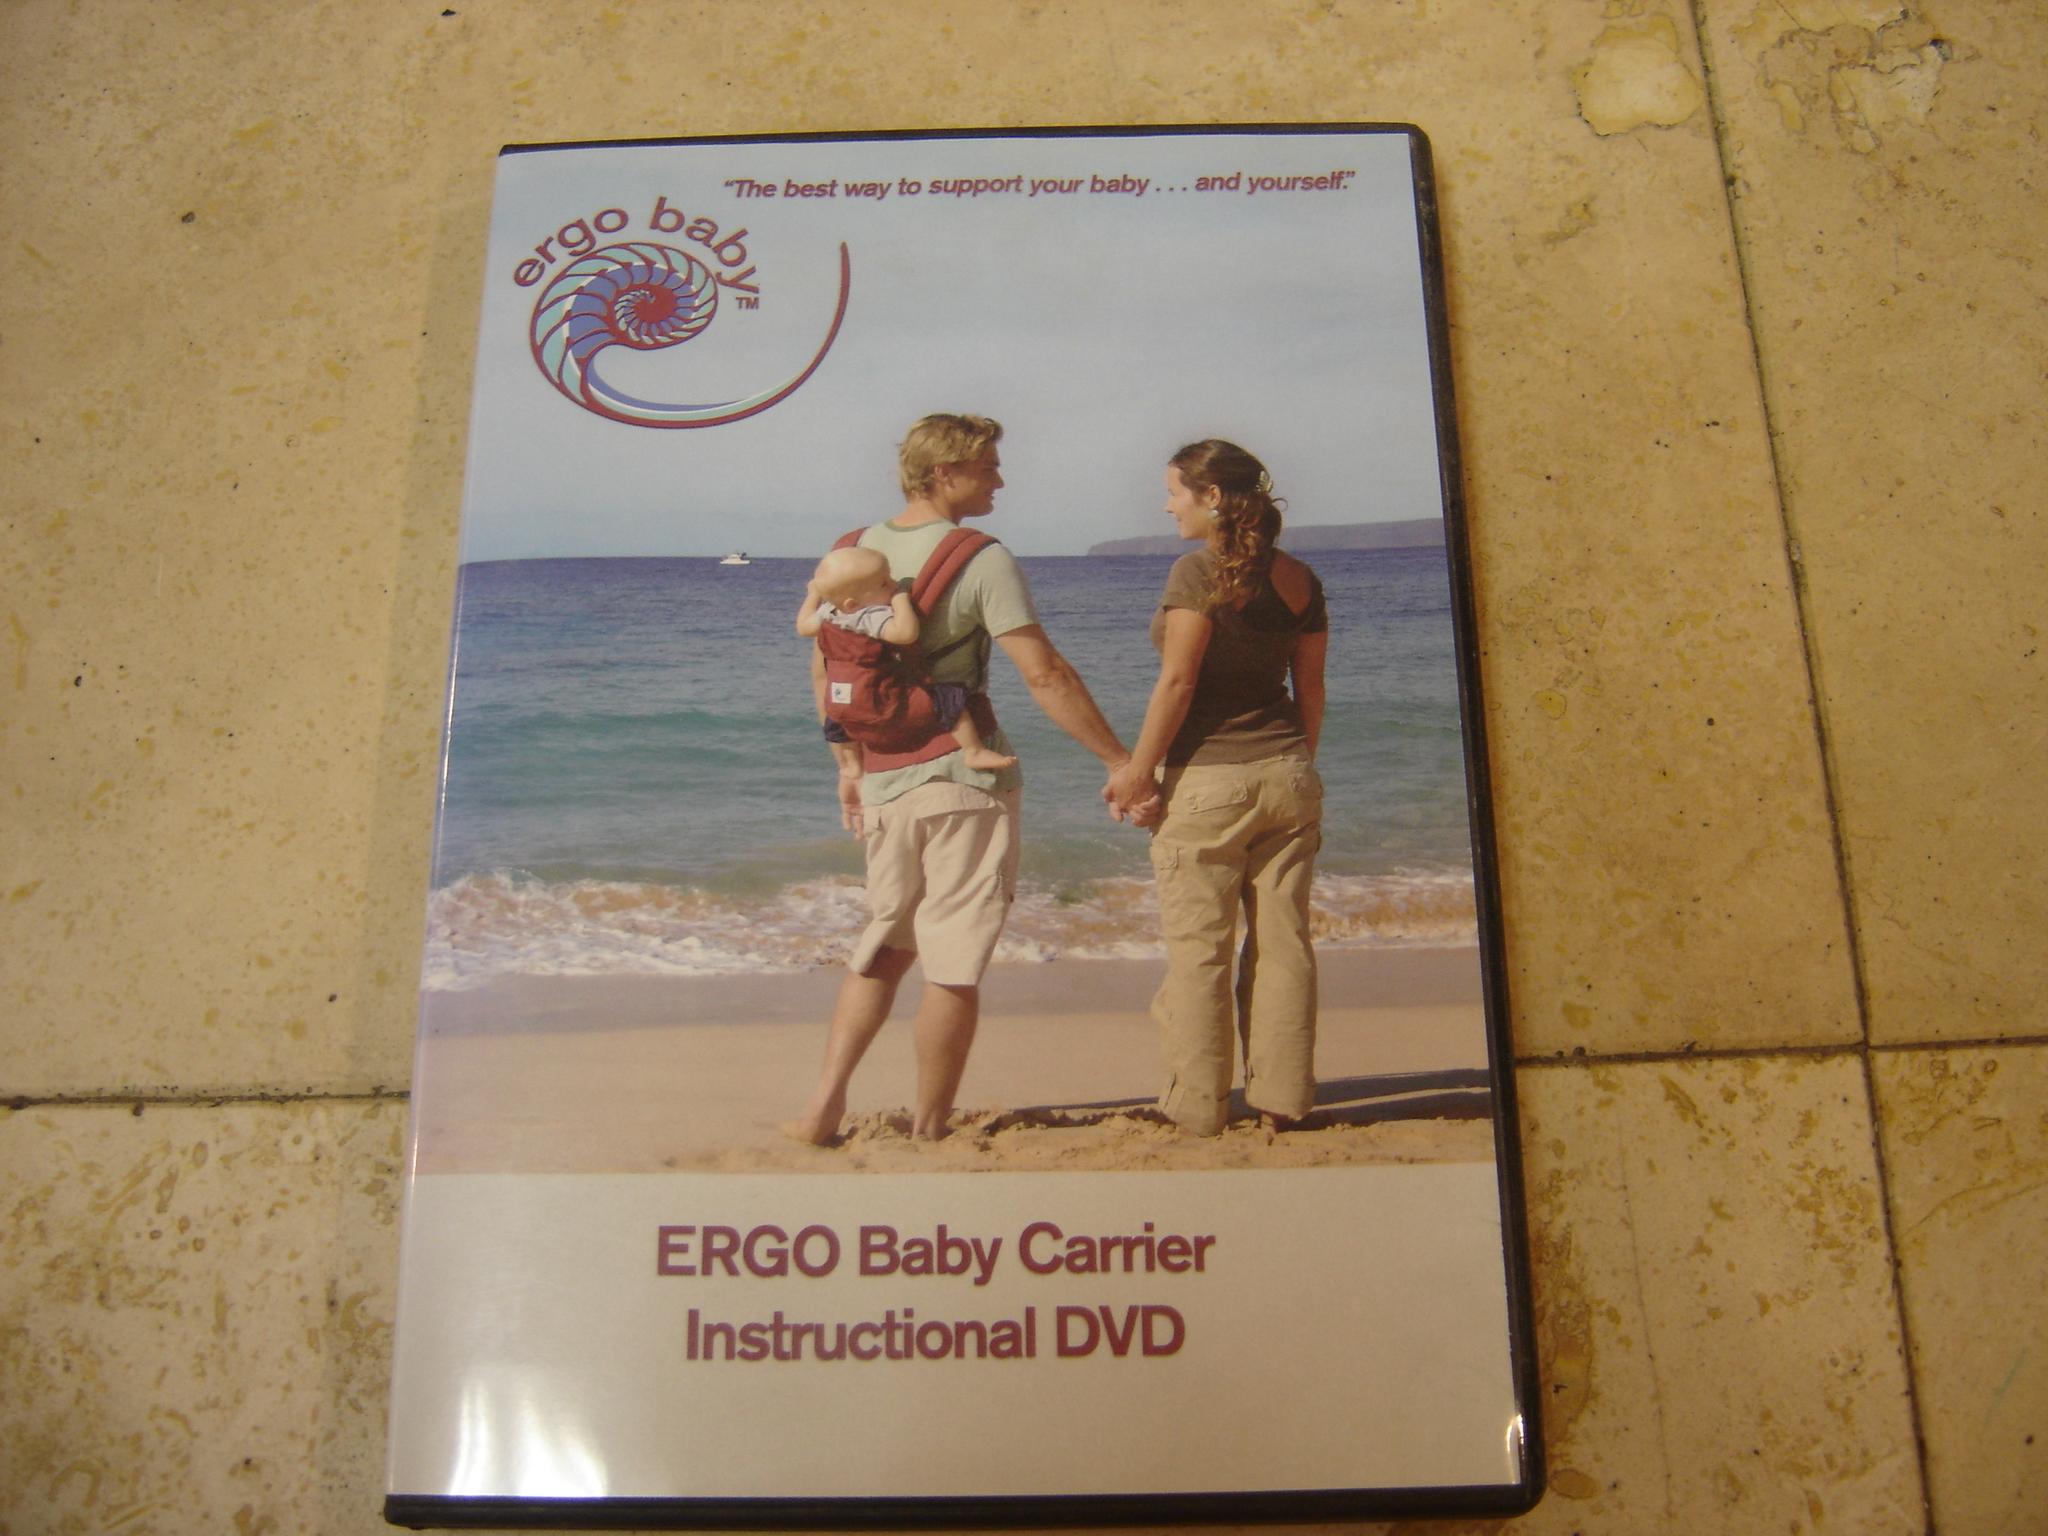 Ergo-Baby-Carrier-Instructional-DVD_189617A.jpg